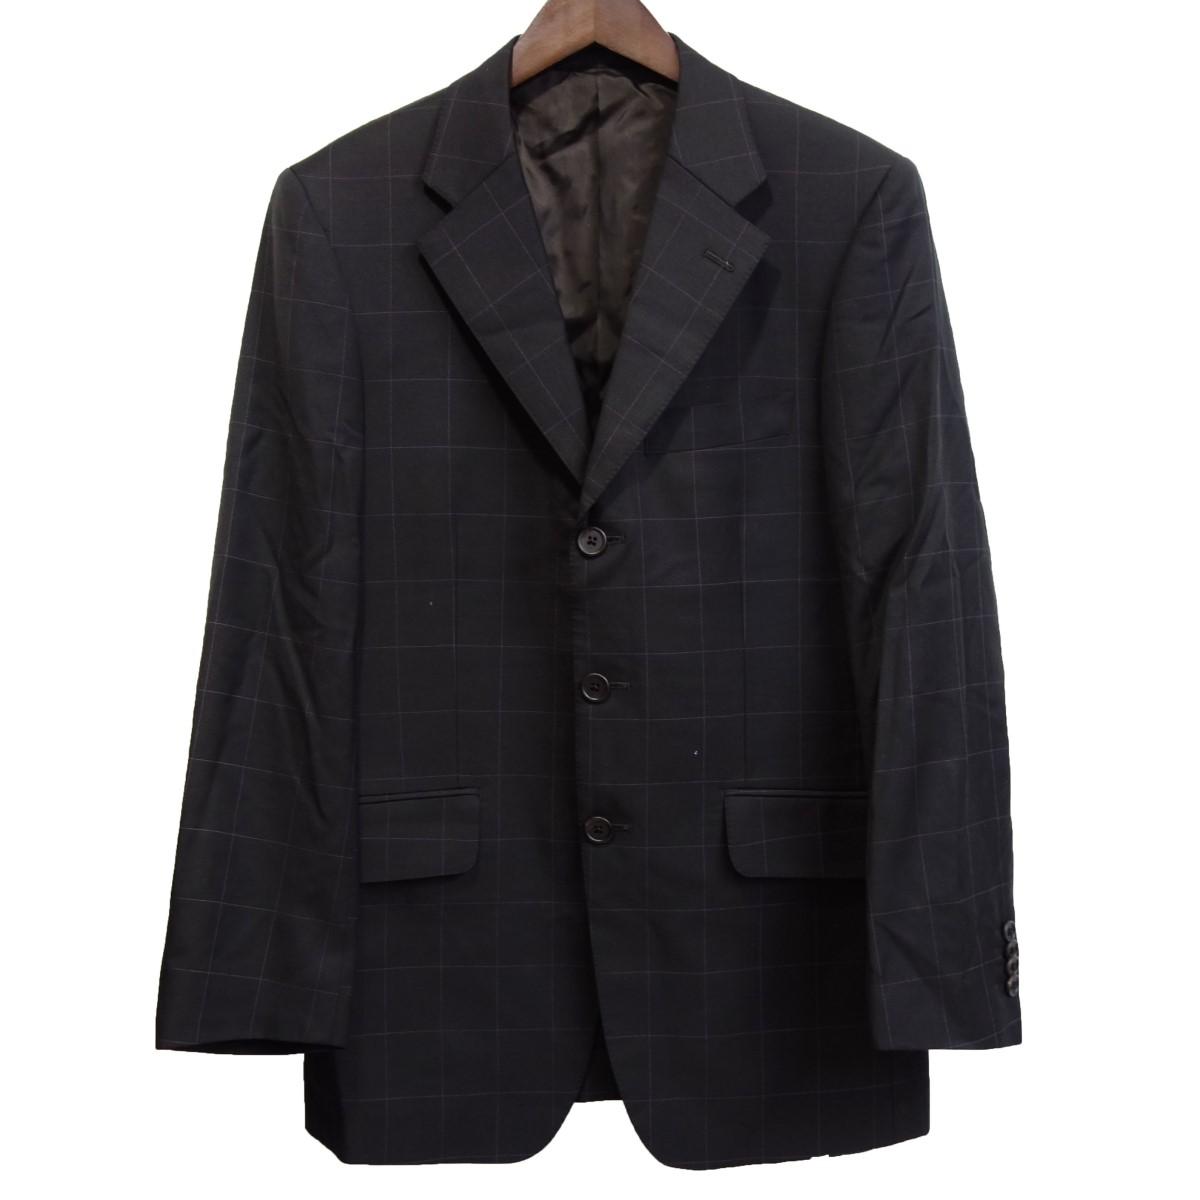 【中古】Paul Smith LONDON 「FRATELL TALLIADI DELFINO」 テーラードジャケット ブラック サイズ:S 【070320】(ポールスミス)